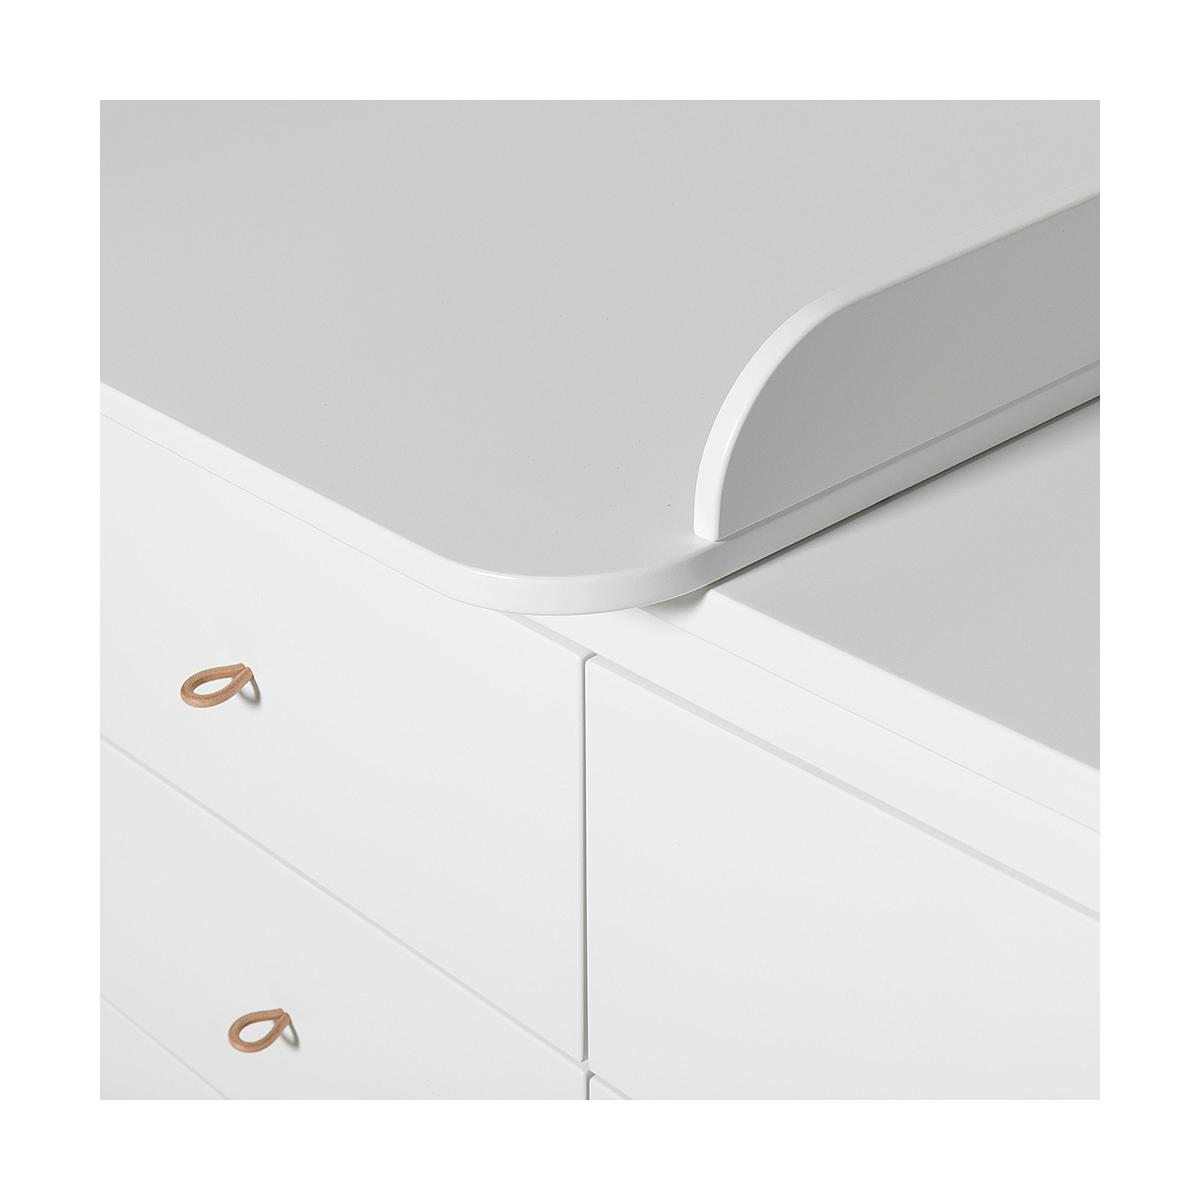 Wickelkommode small 6 Schubladen WOOD Oliver Furniture weiß